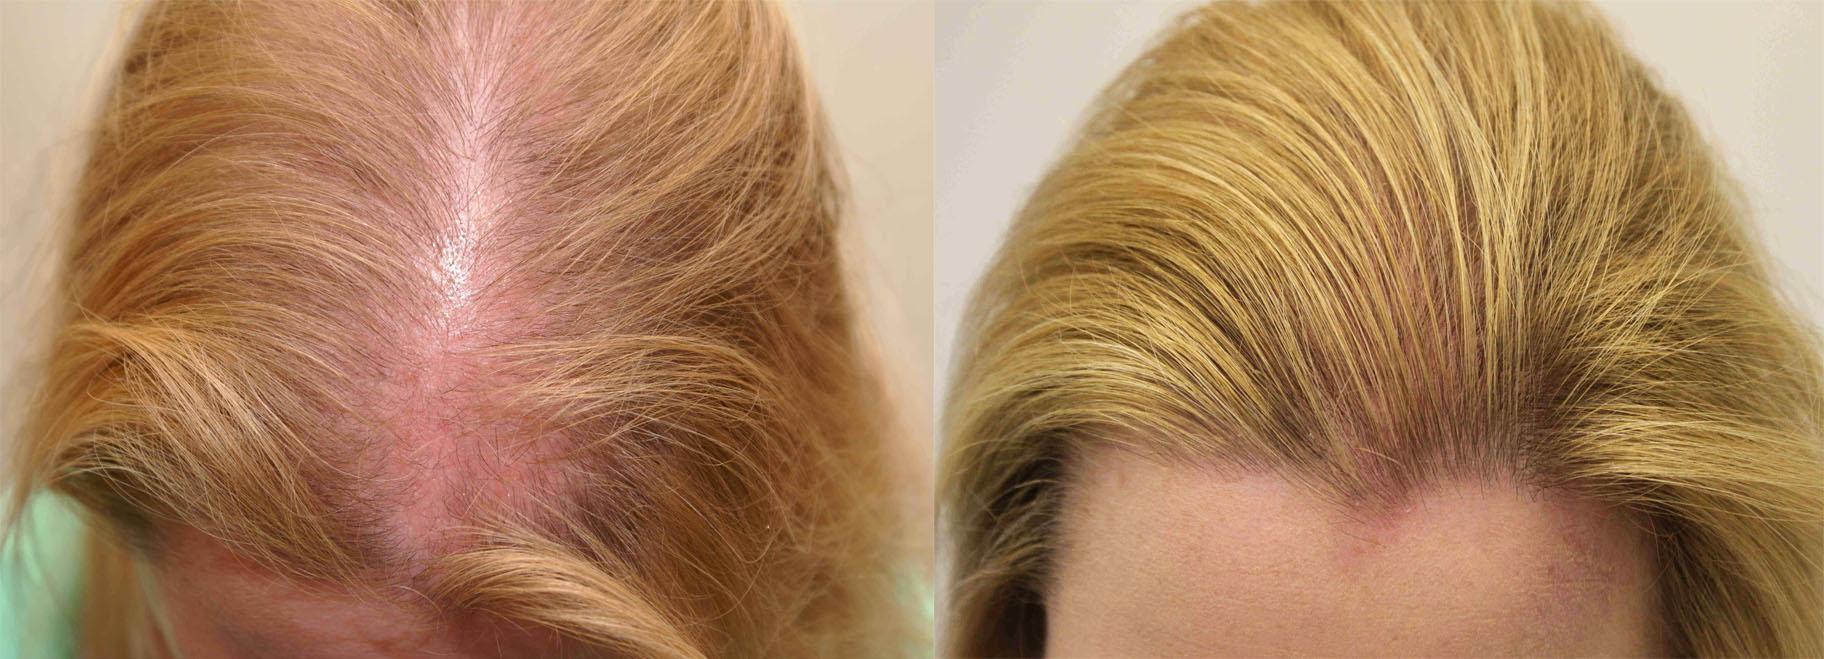 Редеющие волосы у женщин лечение